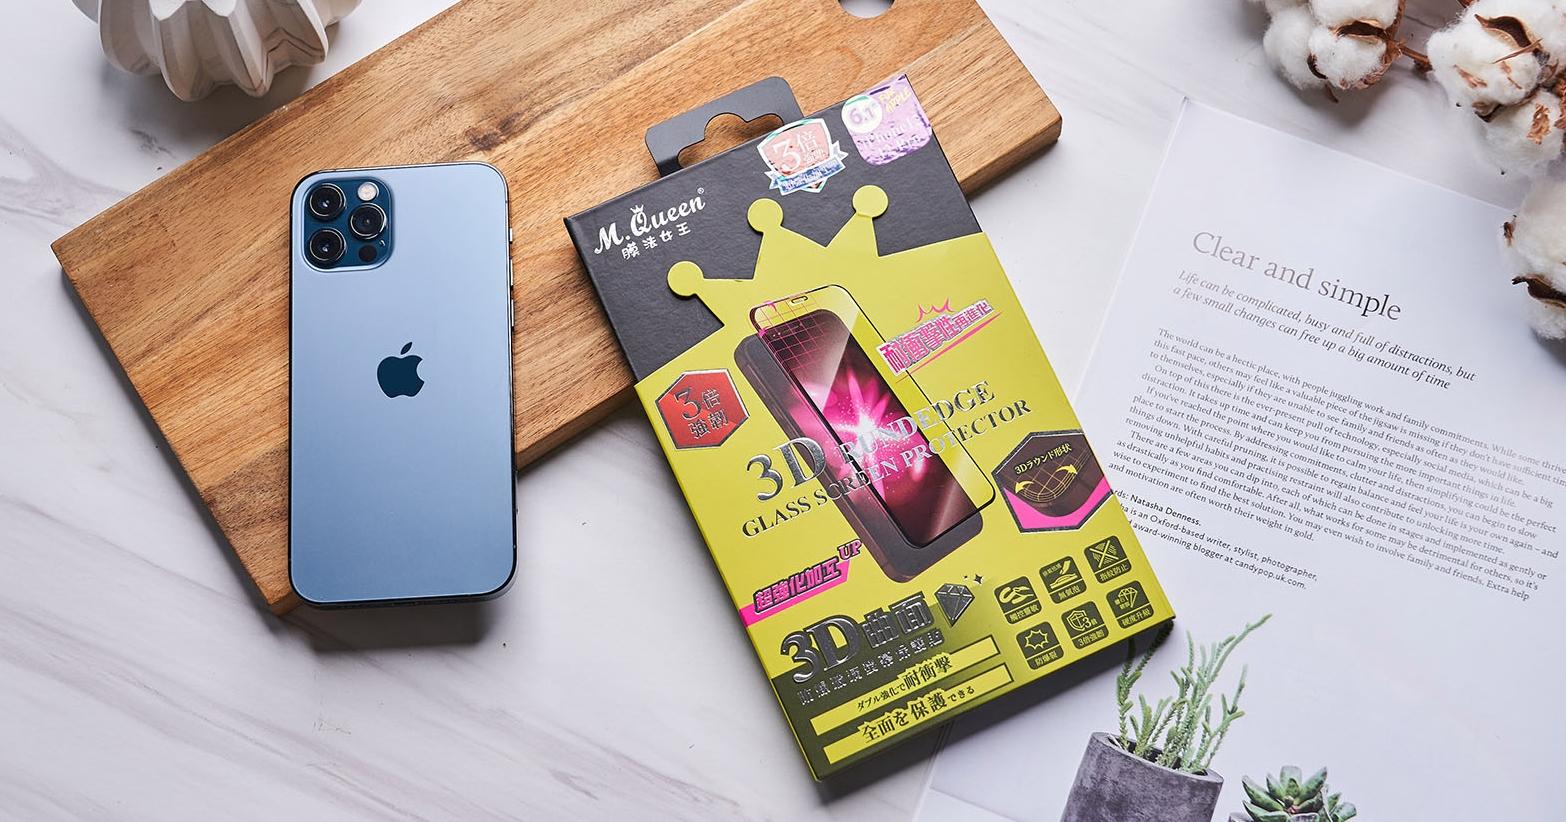 iPhone 12 / 12 Pro 的最佳拍檔!M.Queen 膜法女王 『3 倍強韌 3D 曲面玻璃保護貼』試用心得